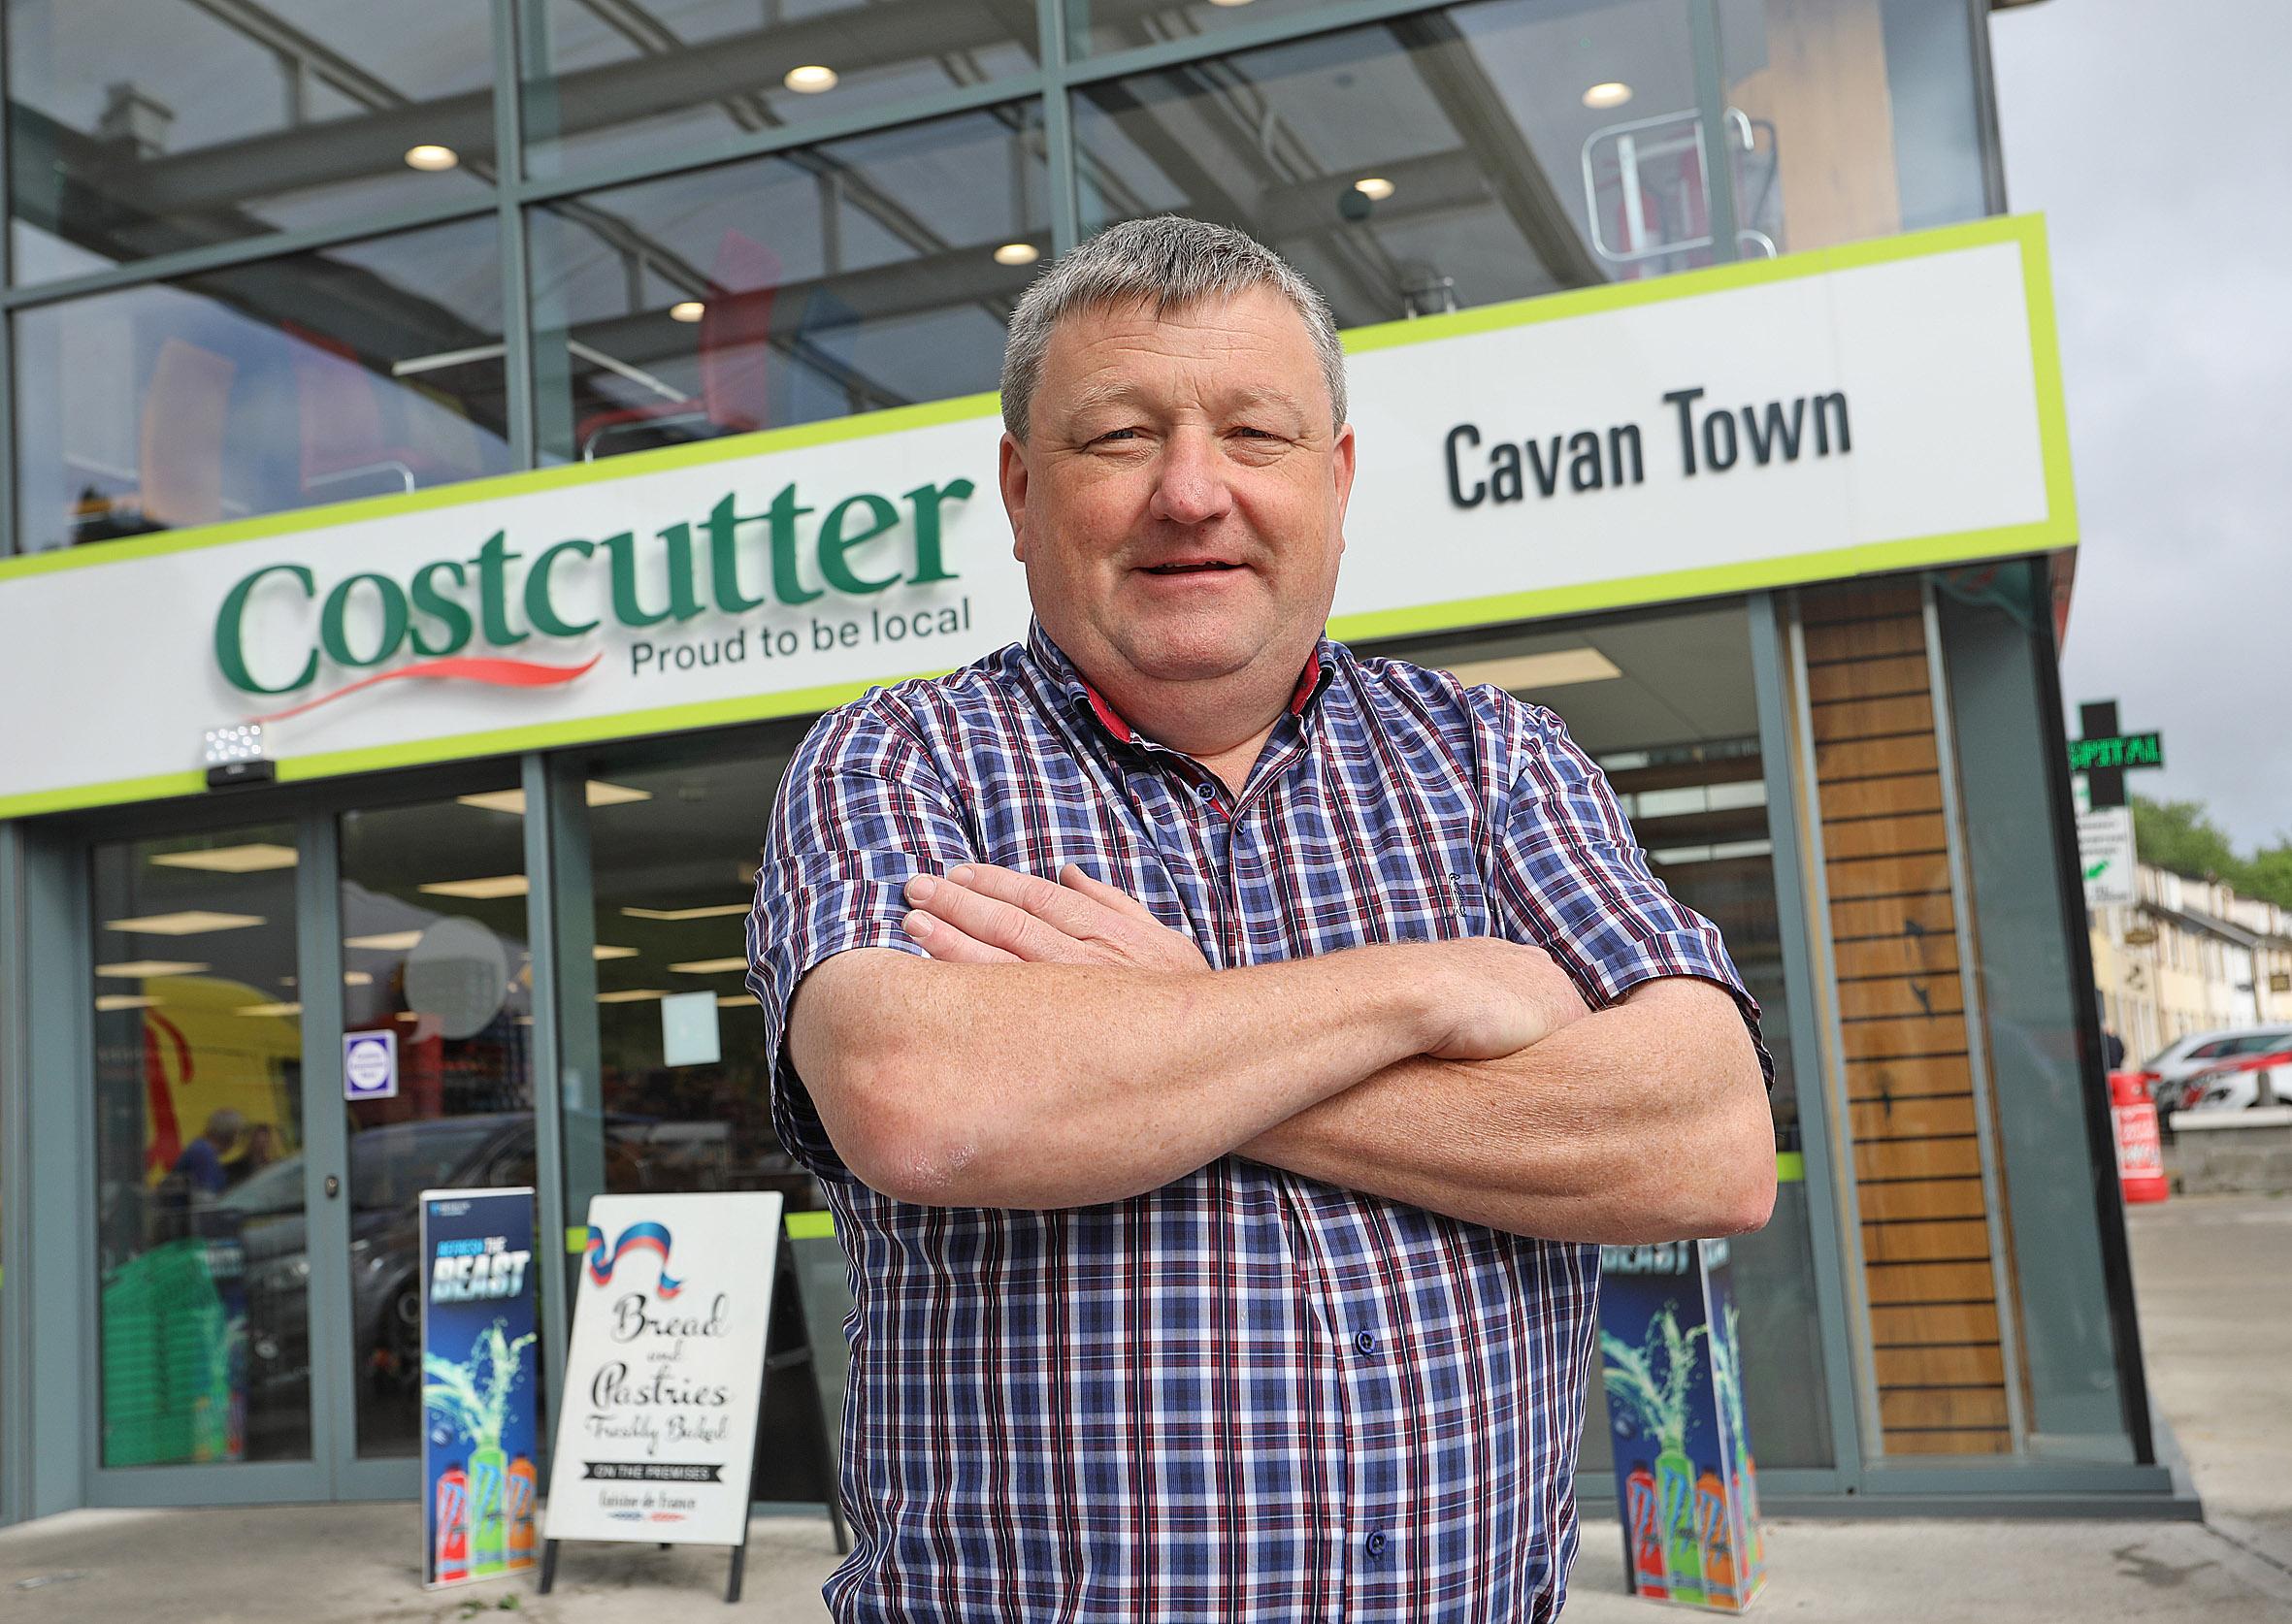 Coming out on top in Cavan